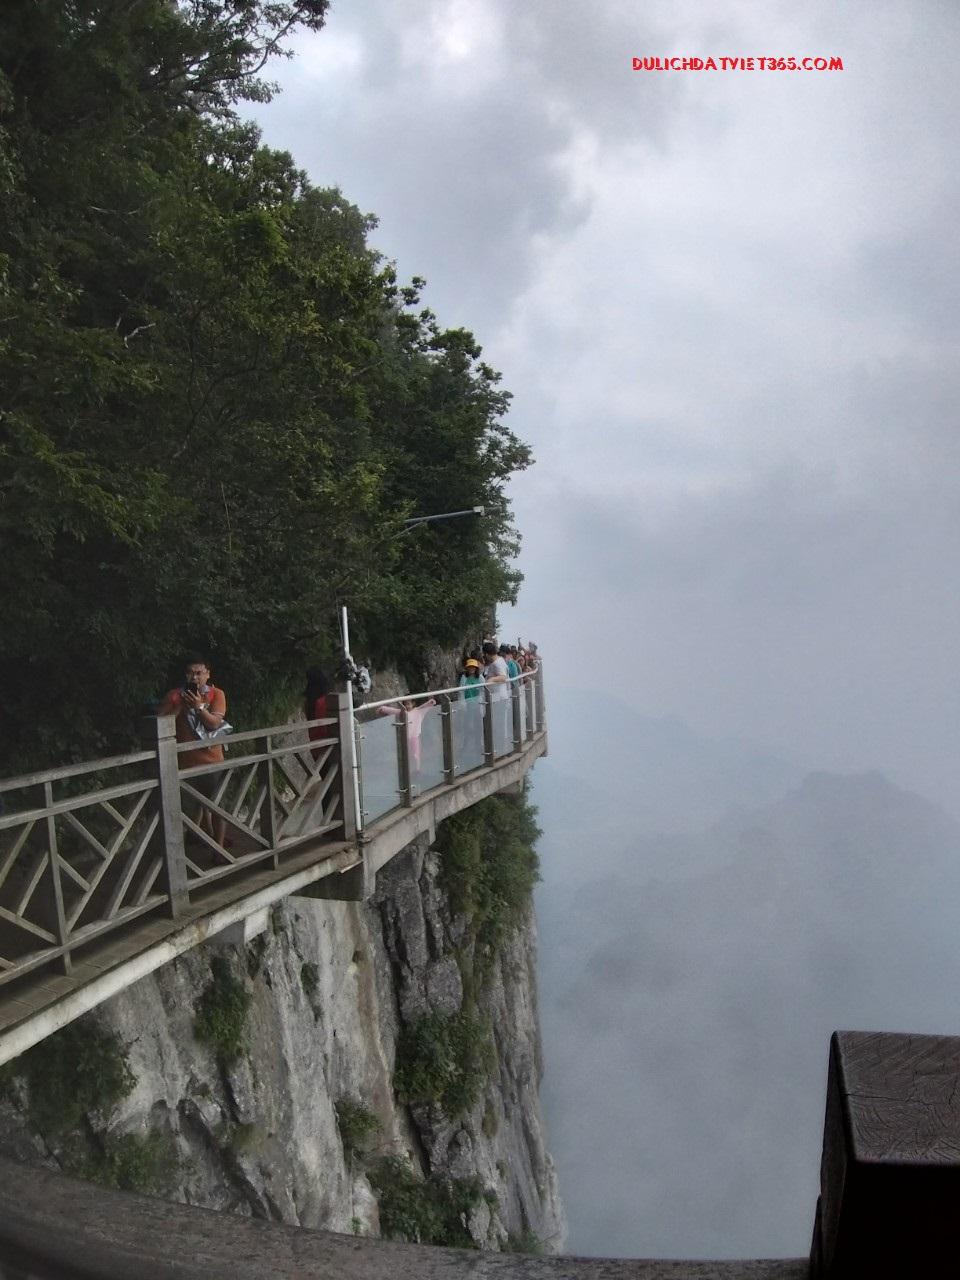 Du Lịch Phượng Hoàng Cổ trấn từ Hà Nội